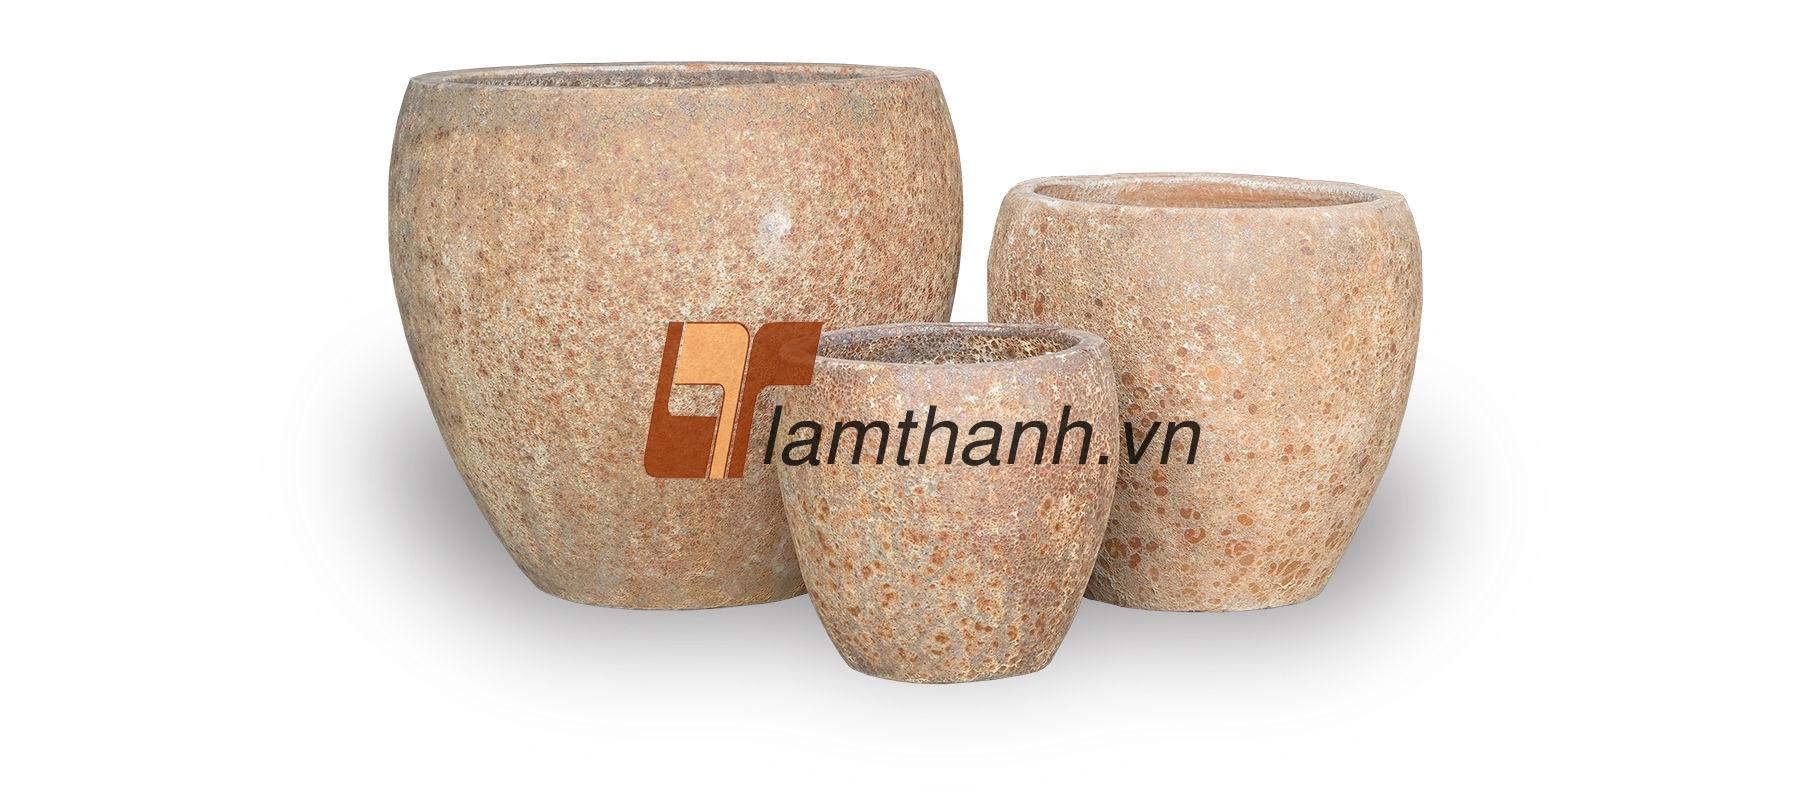 vietnam ceramic, vietnam pottery 08